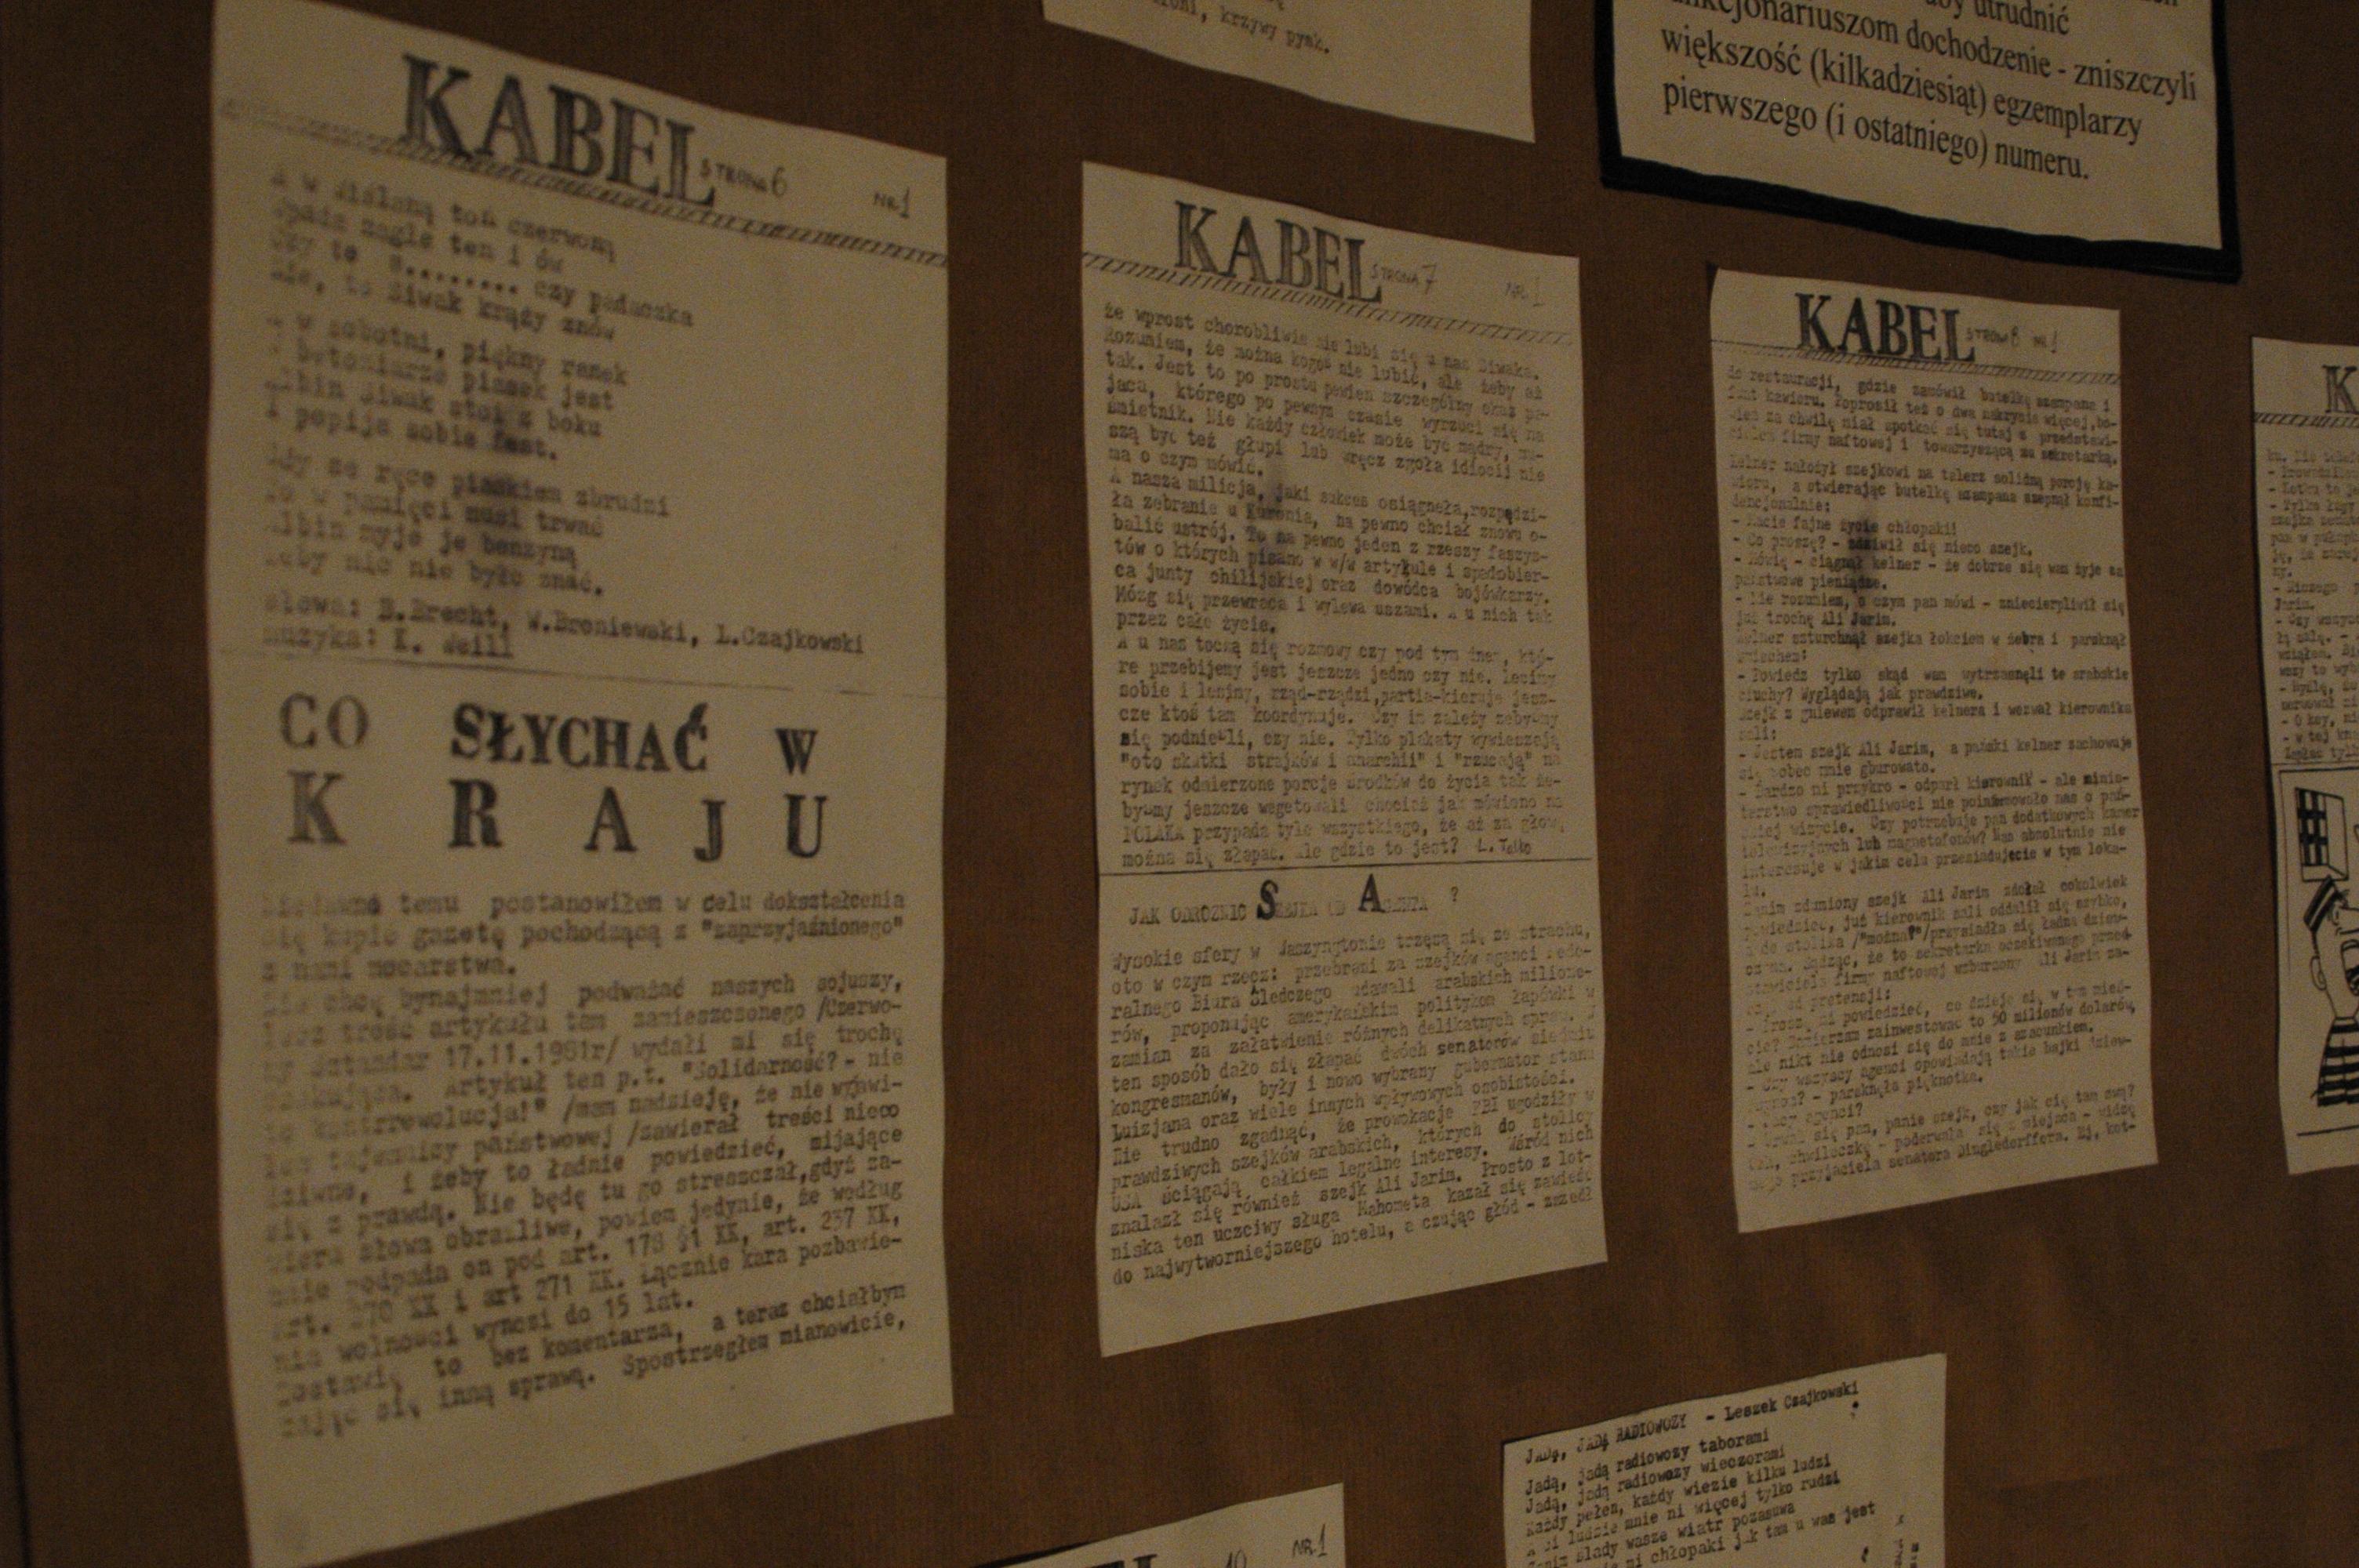 """Kserokopia współredagowanego przez Emila w liceum im. Mikołaja Reja uczniowskiego pisemka """"Kabel"""", którym również zainteresowała się SB (ale czym ona się nie interesowała?)."""